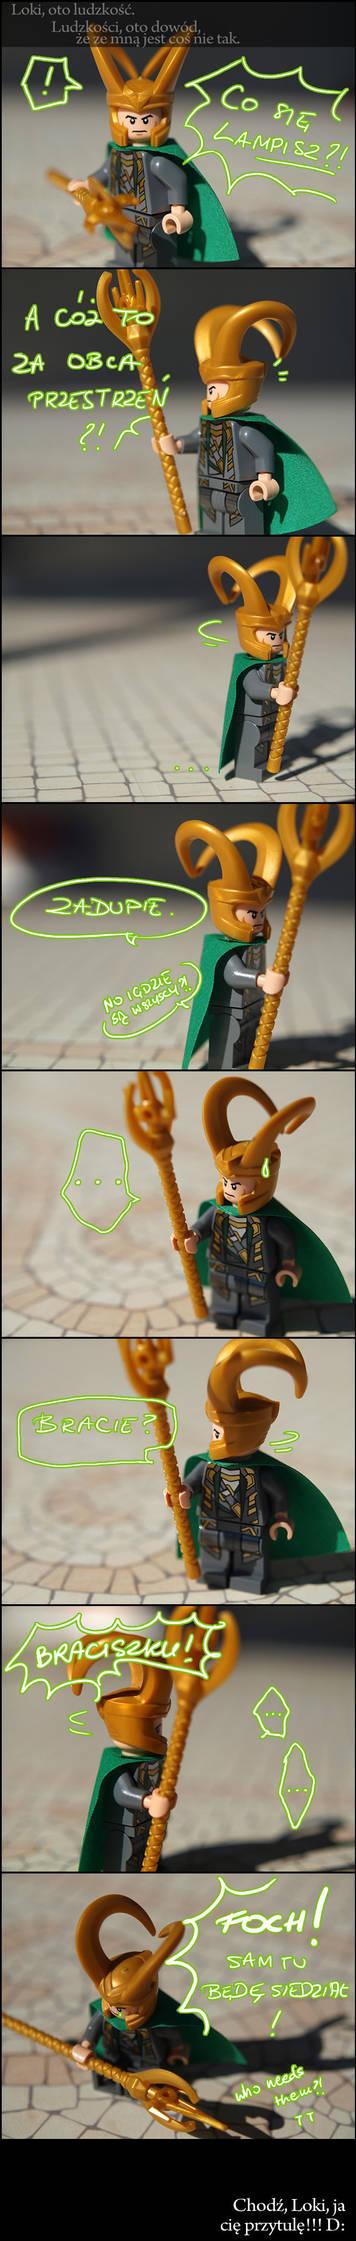 Meet Loki [translation included]